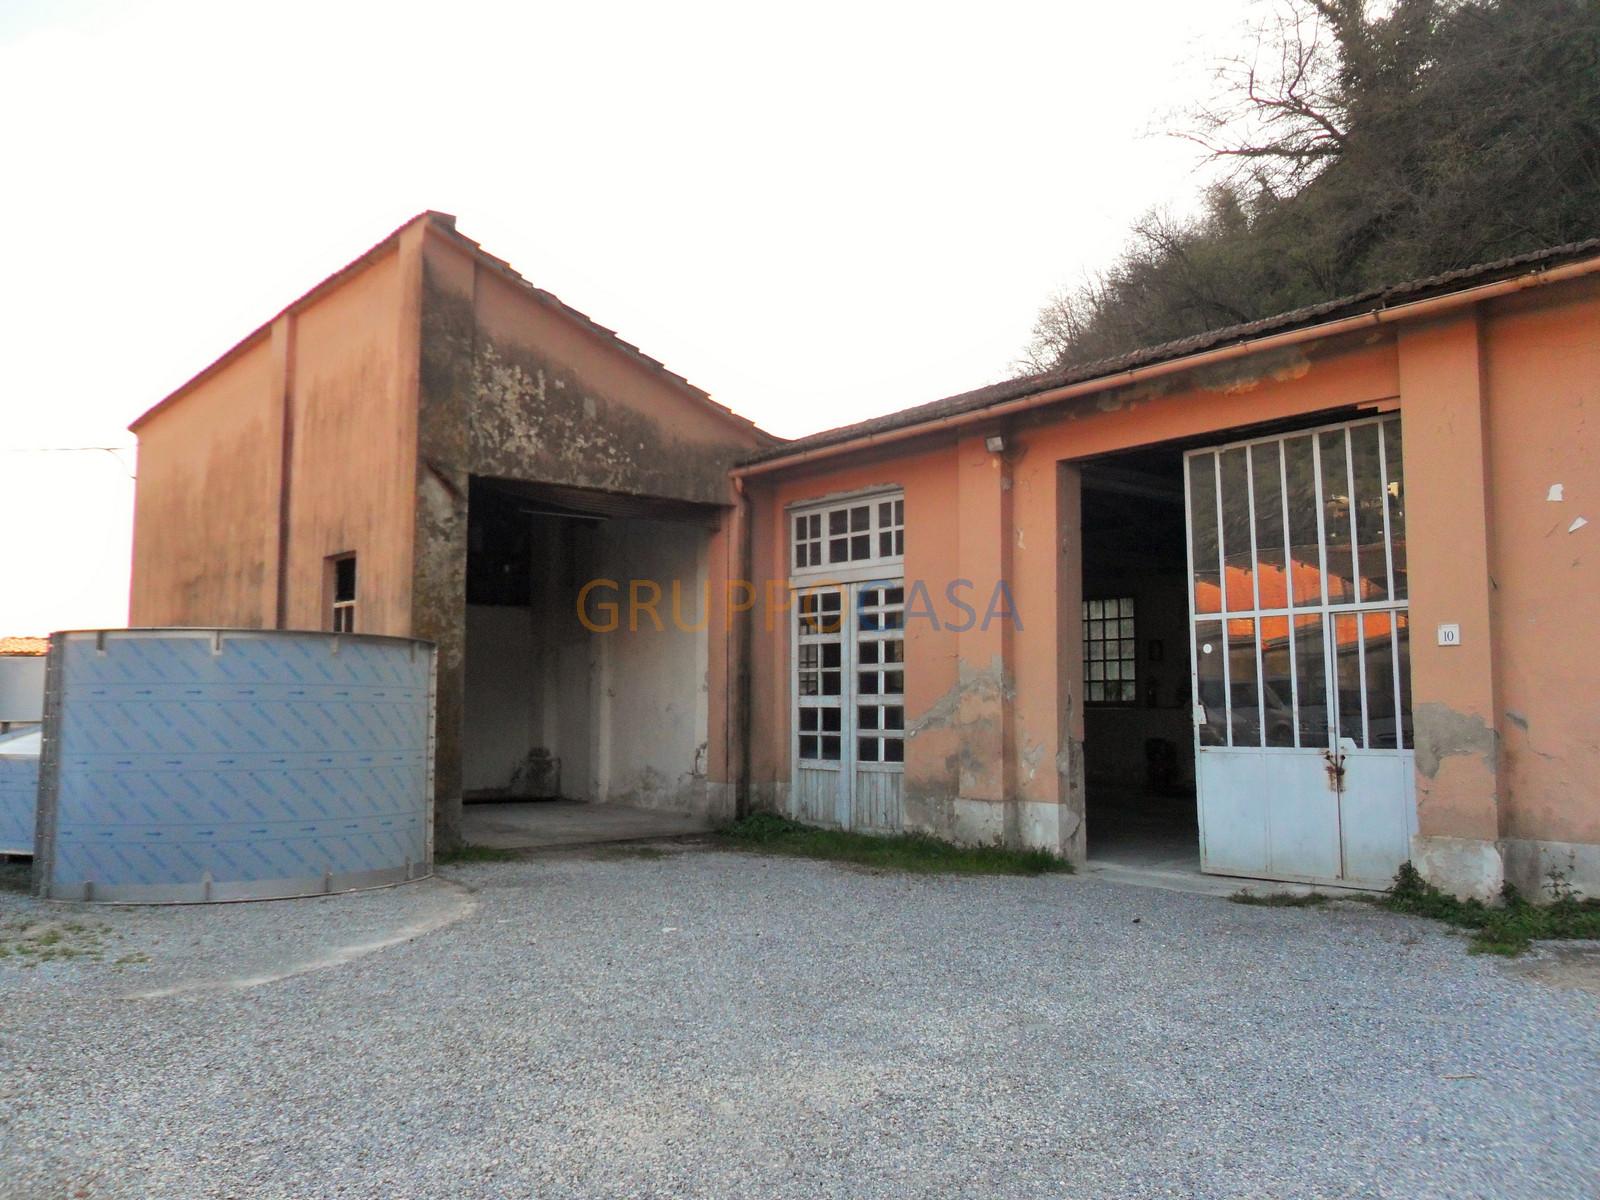 Laboratorio in vendita a Pescia, 9999 locali, zona Località: Periferia, prezzo € 45.000 | Cambio Casa.it